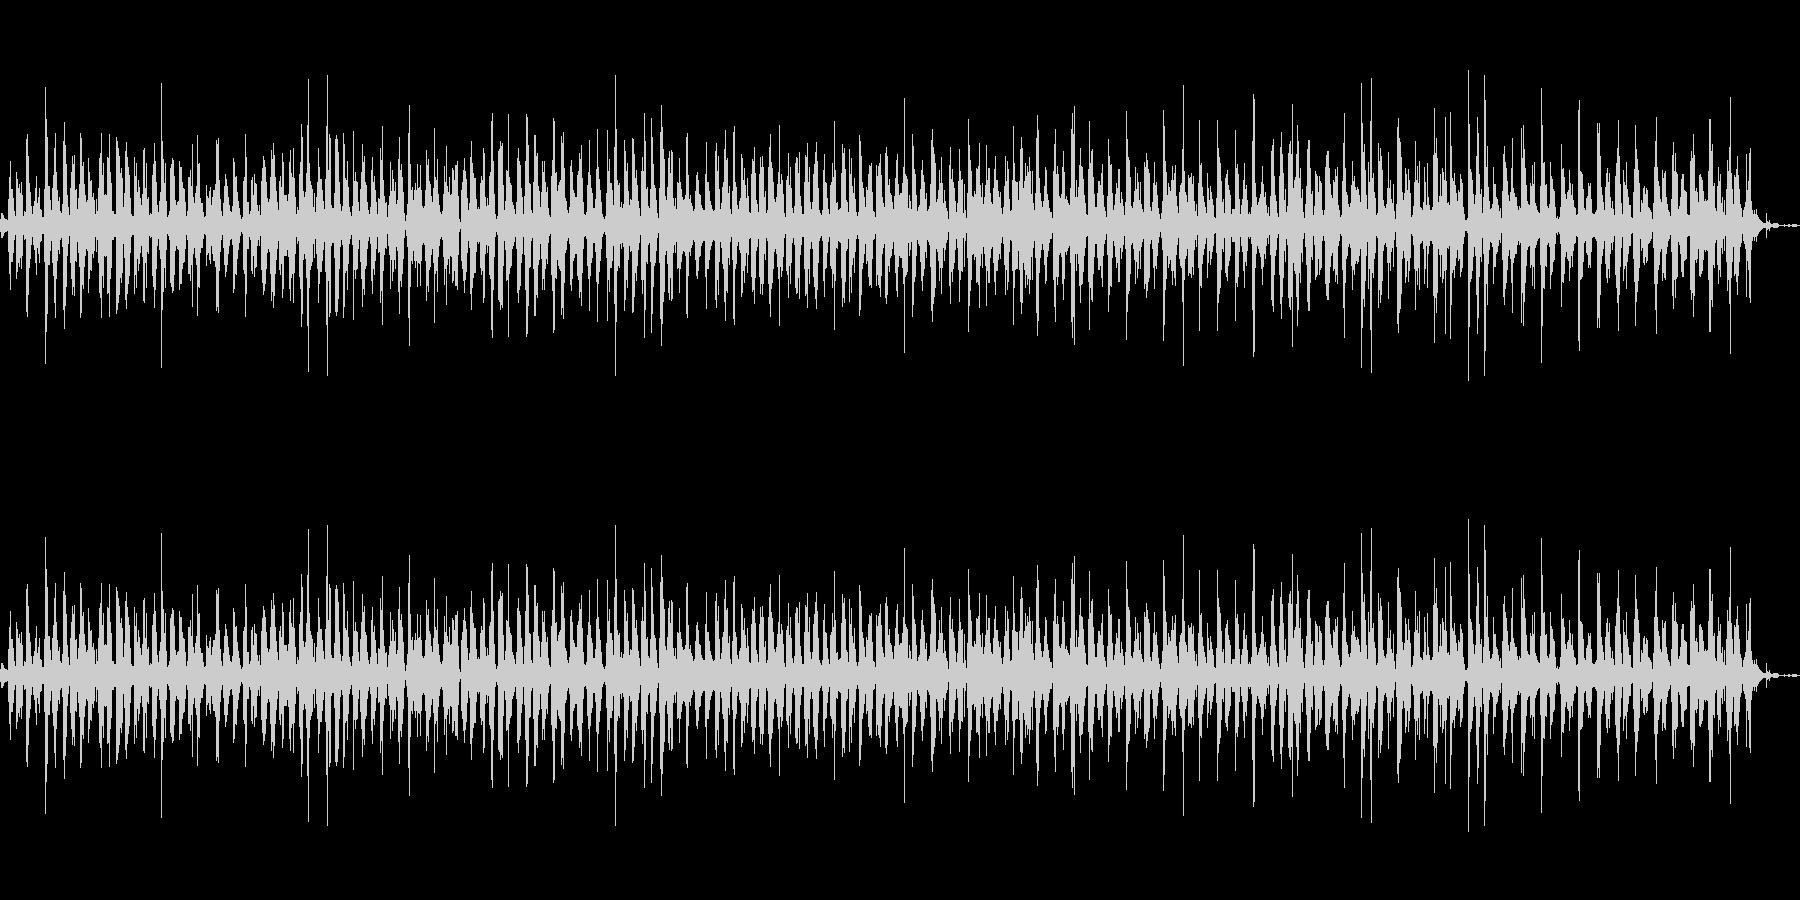 神楽鈴(小)をリズミカルに振る音の未再生の波形